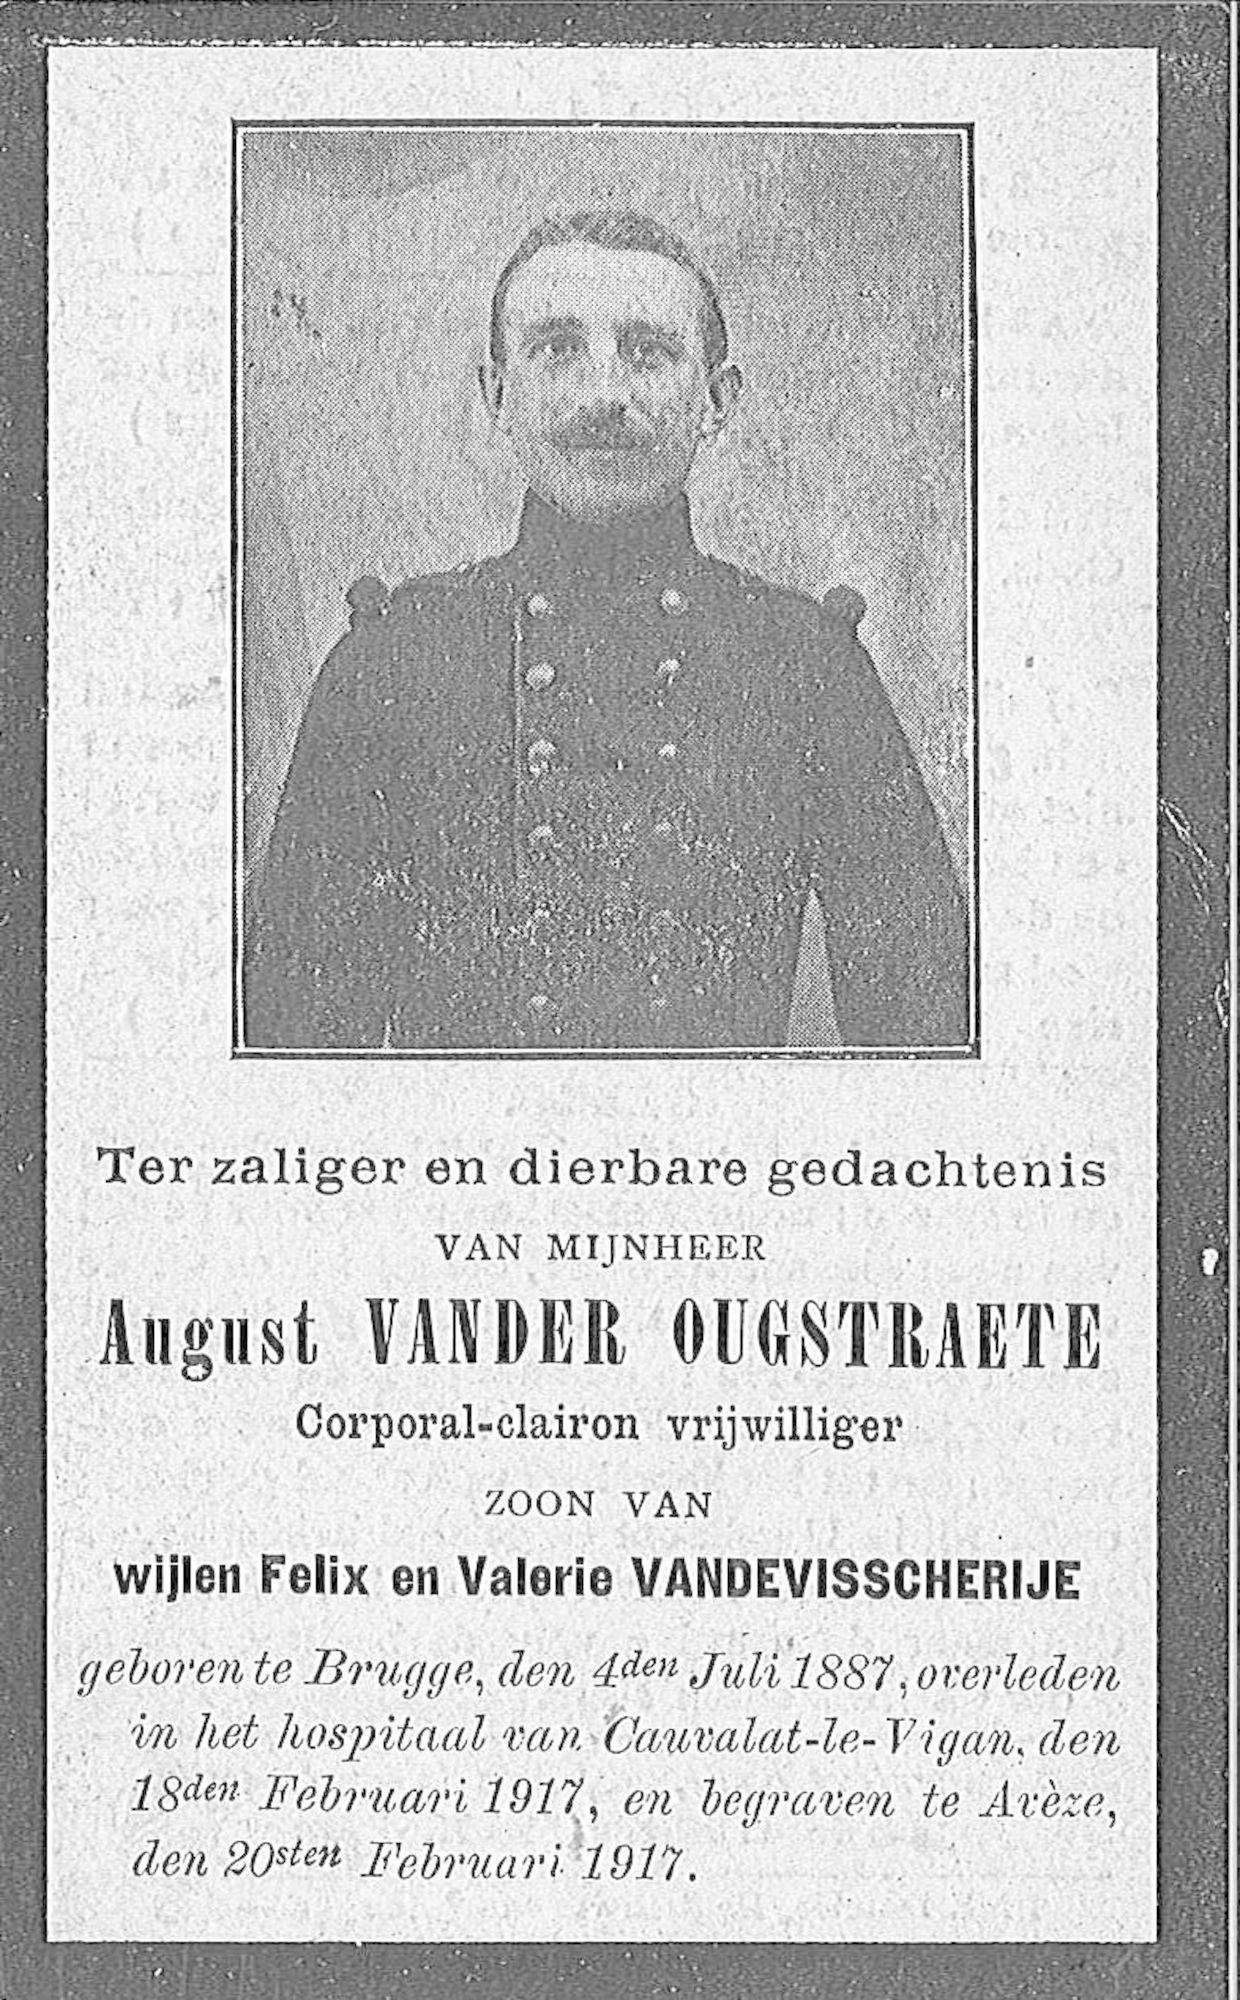 August Vander Ougstraete